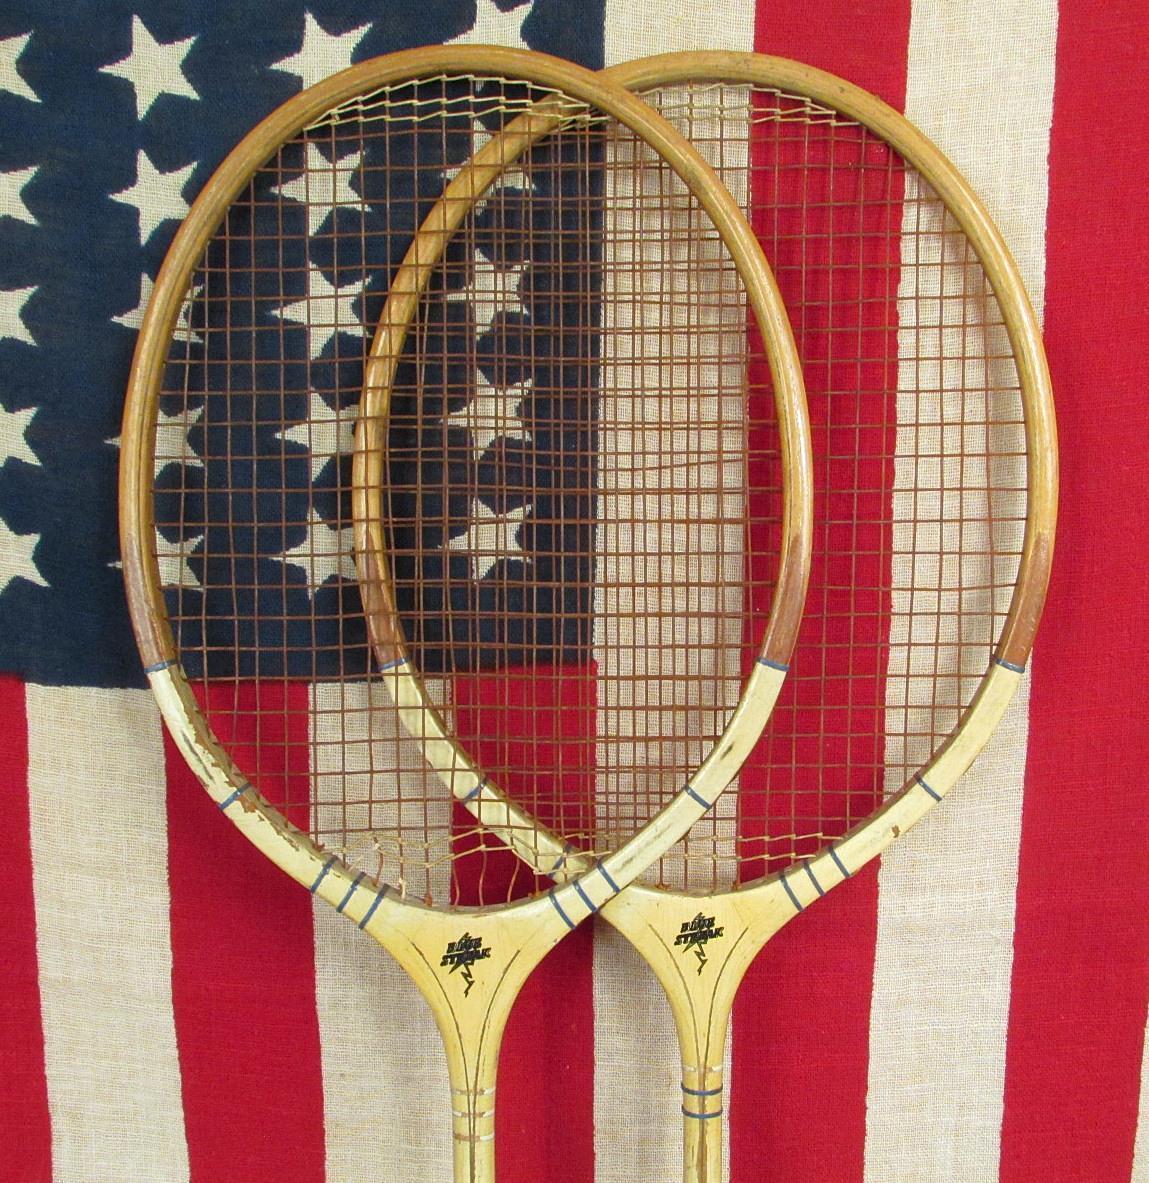 Vintage Pair FJ Bancroft Wood Badminton Racquets Racquets Badminton Blau Streak Model Antique Decor cc6245